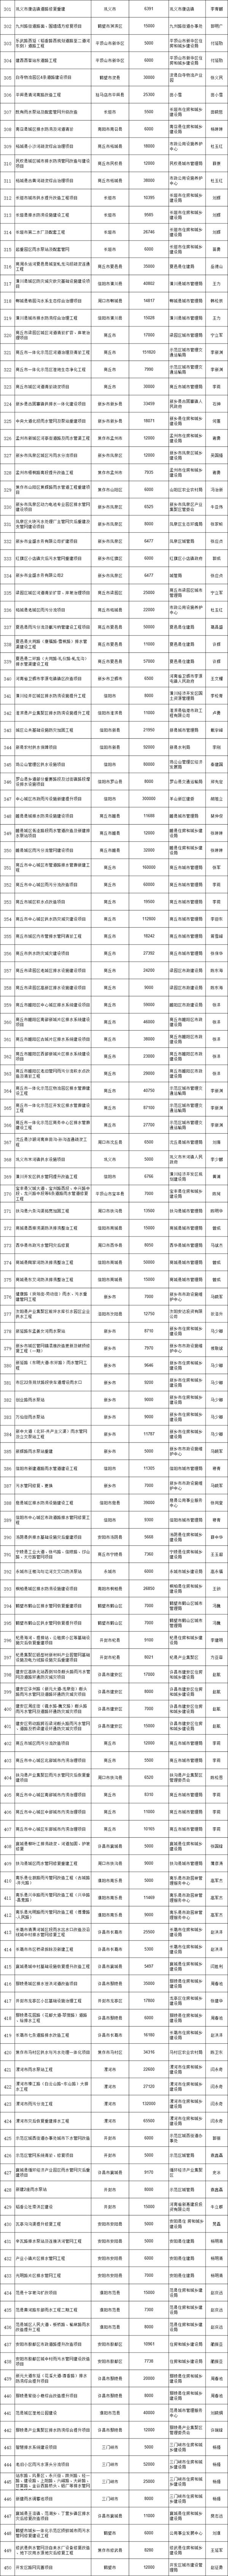 导出图片Tue Aug 24 2021 08_56_14 GMT+0800 (中国标准时间).png